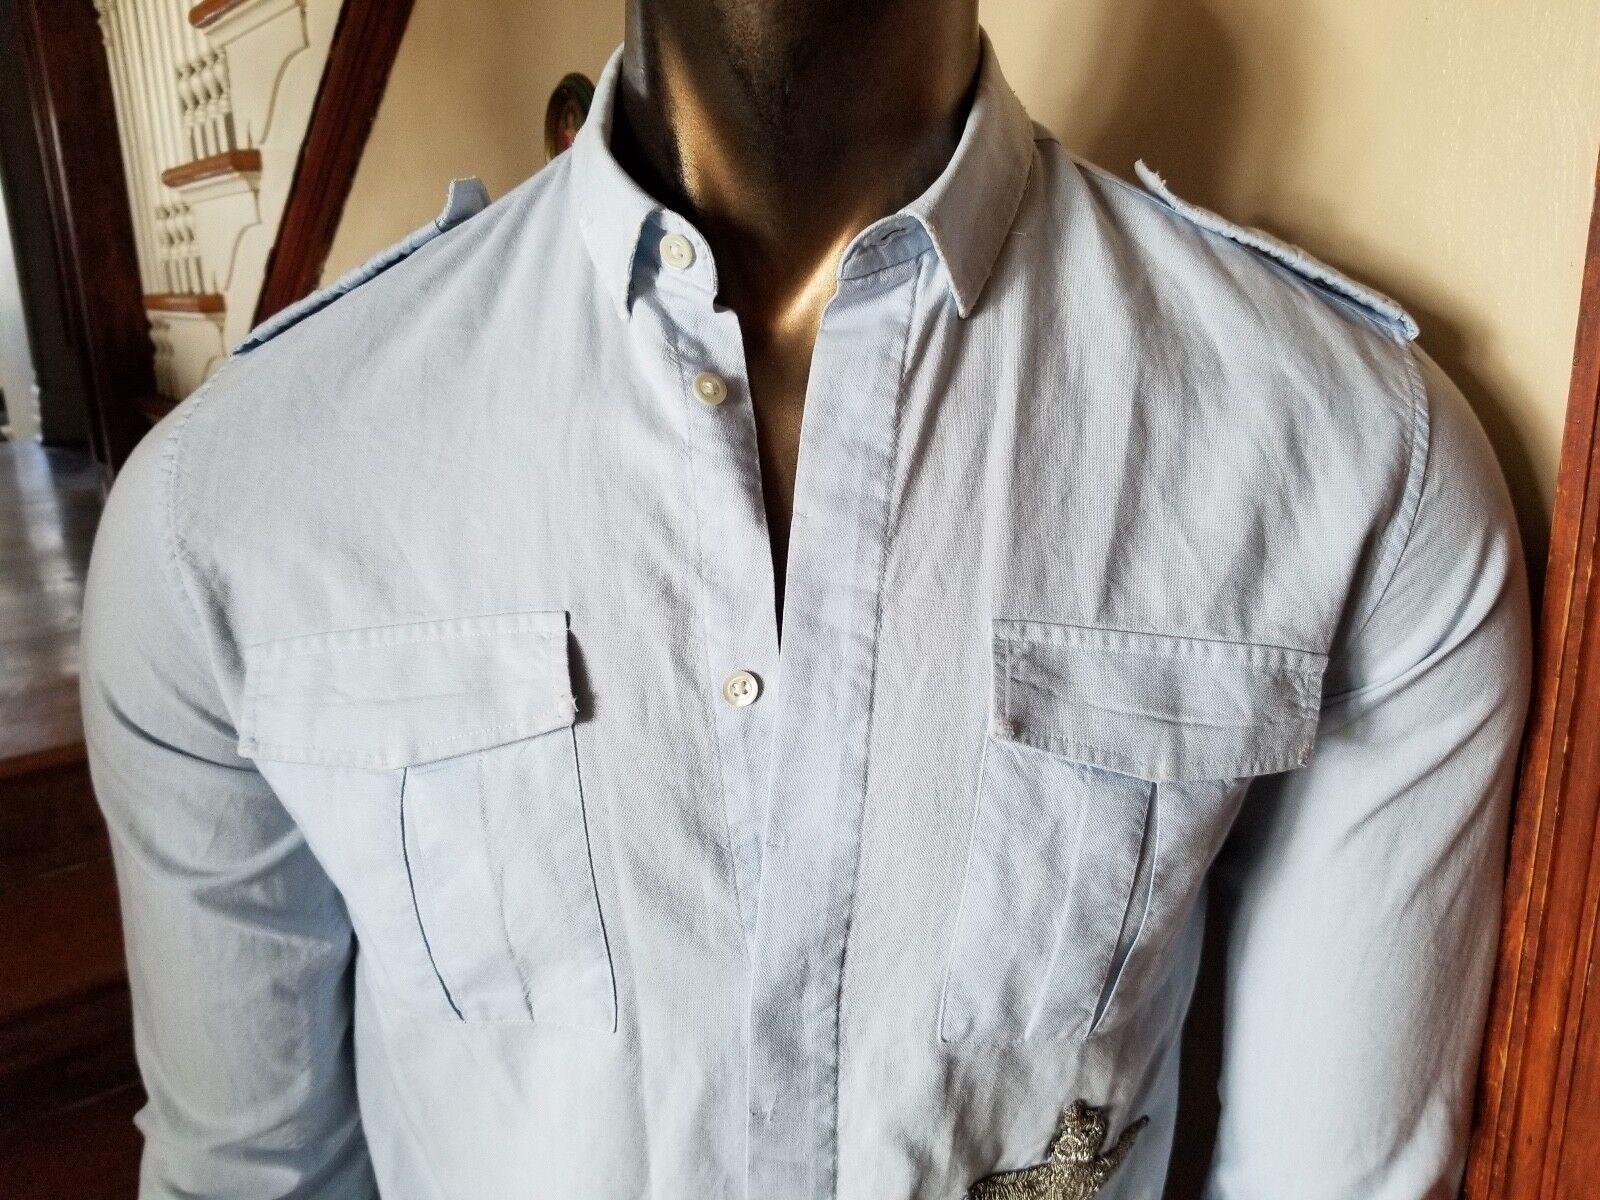 Balmain Splendido Hot Stile Militare Camicia Logori Design - Taglia 15 1 2